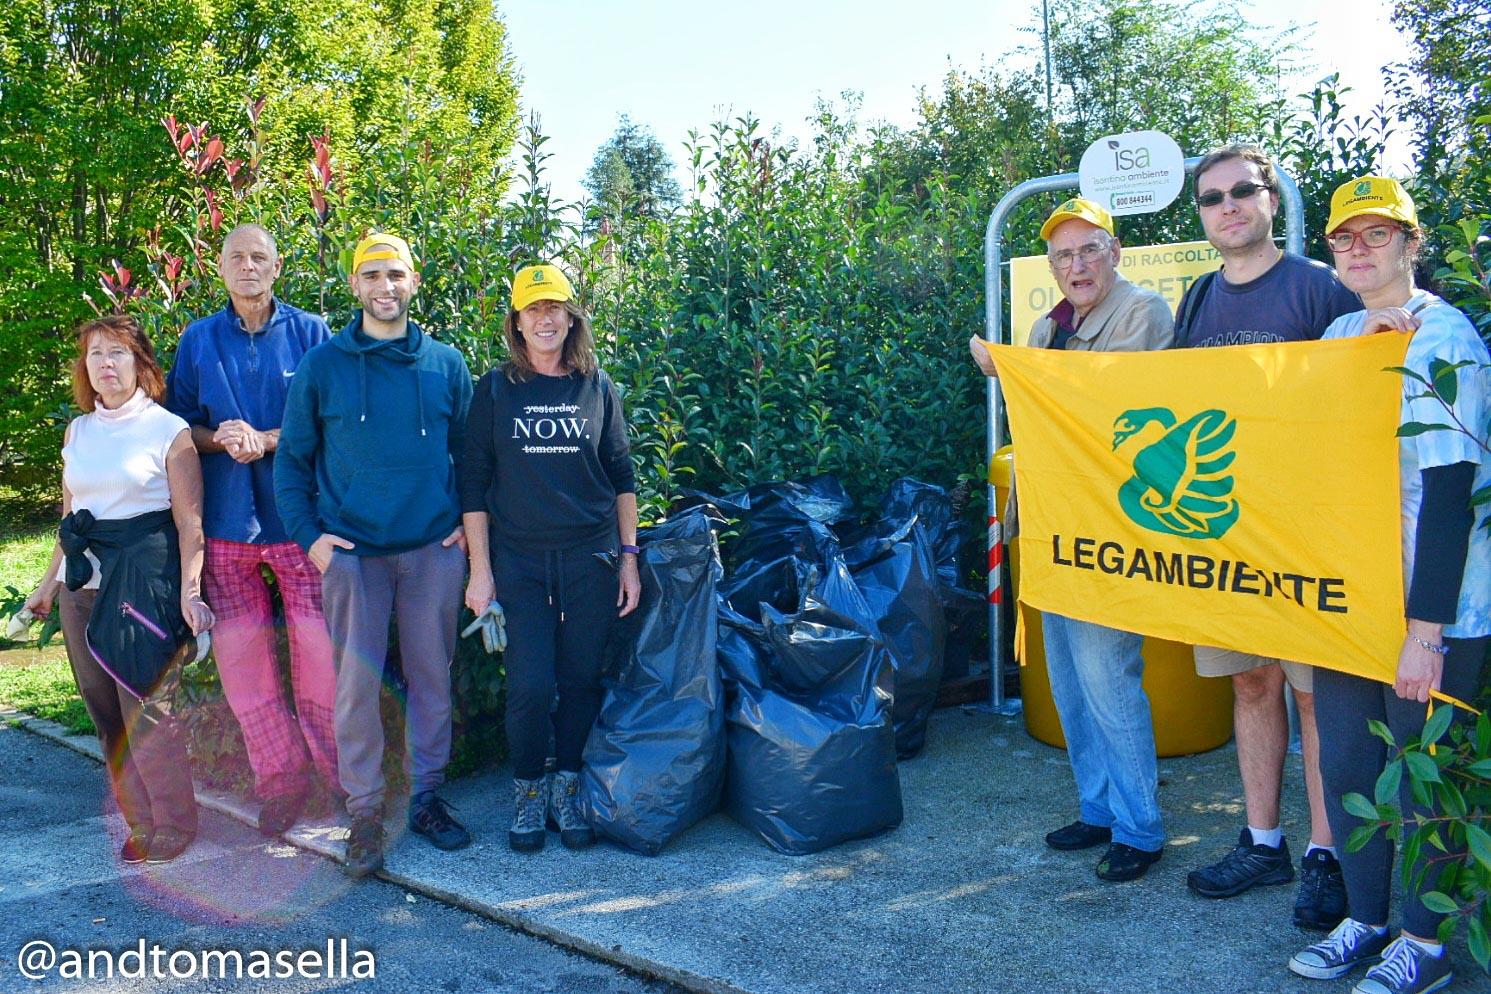 legambiente gorizia foto di gruppo puliamo il mondo 2017